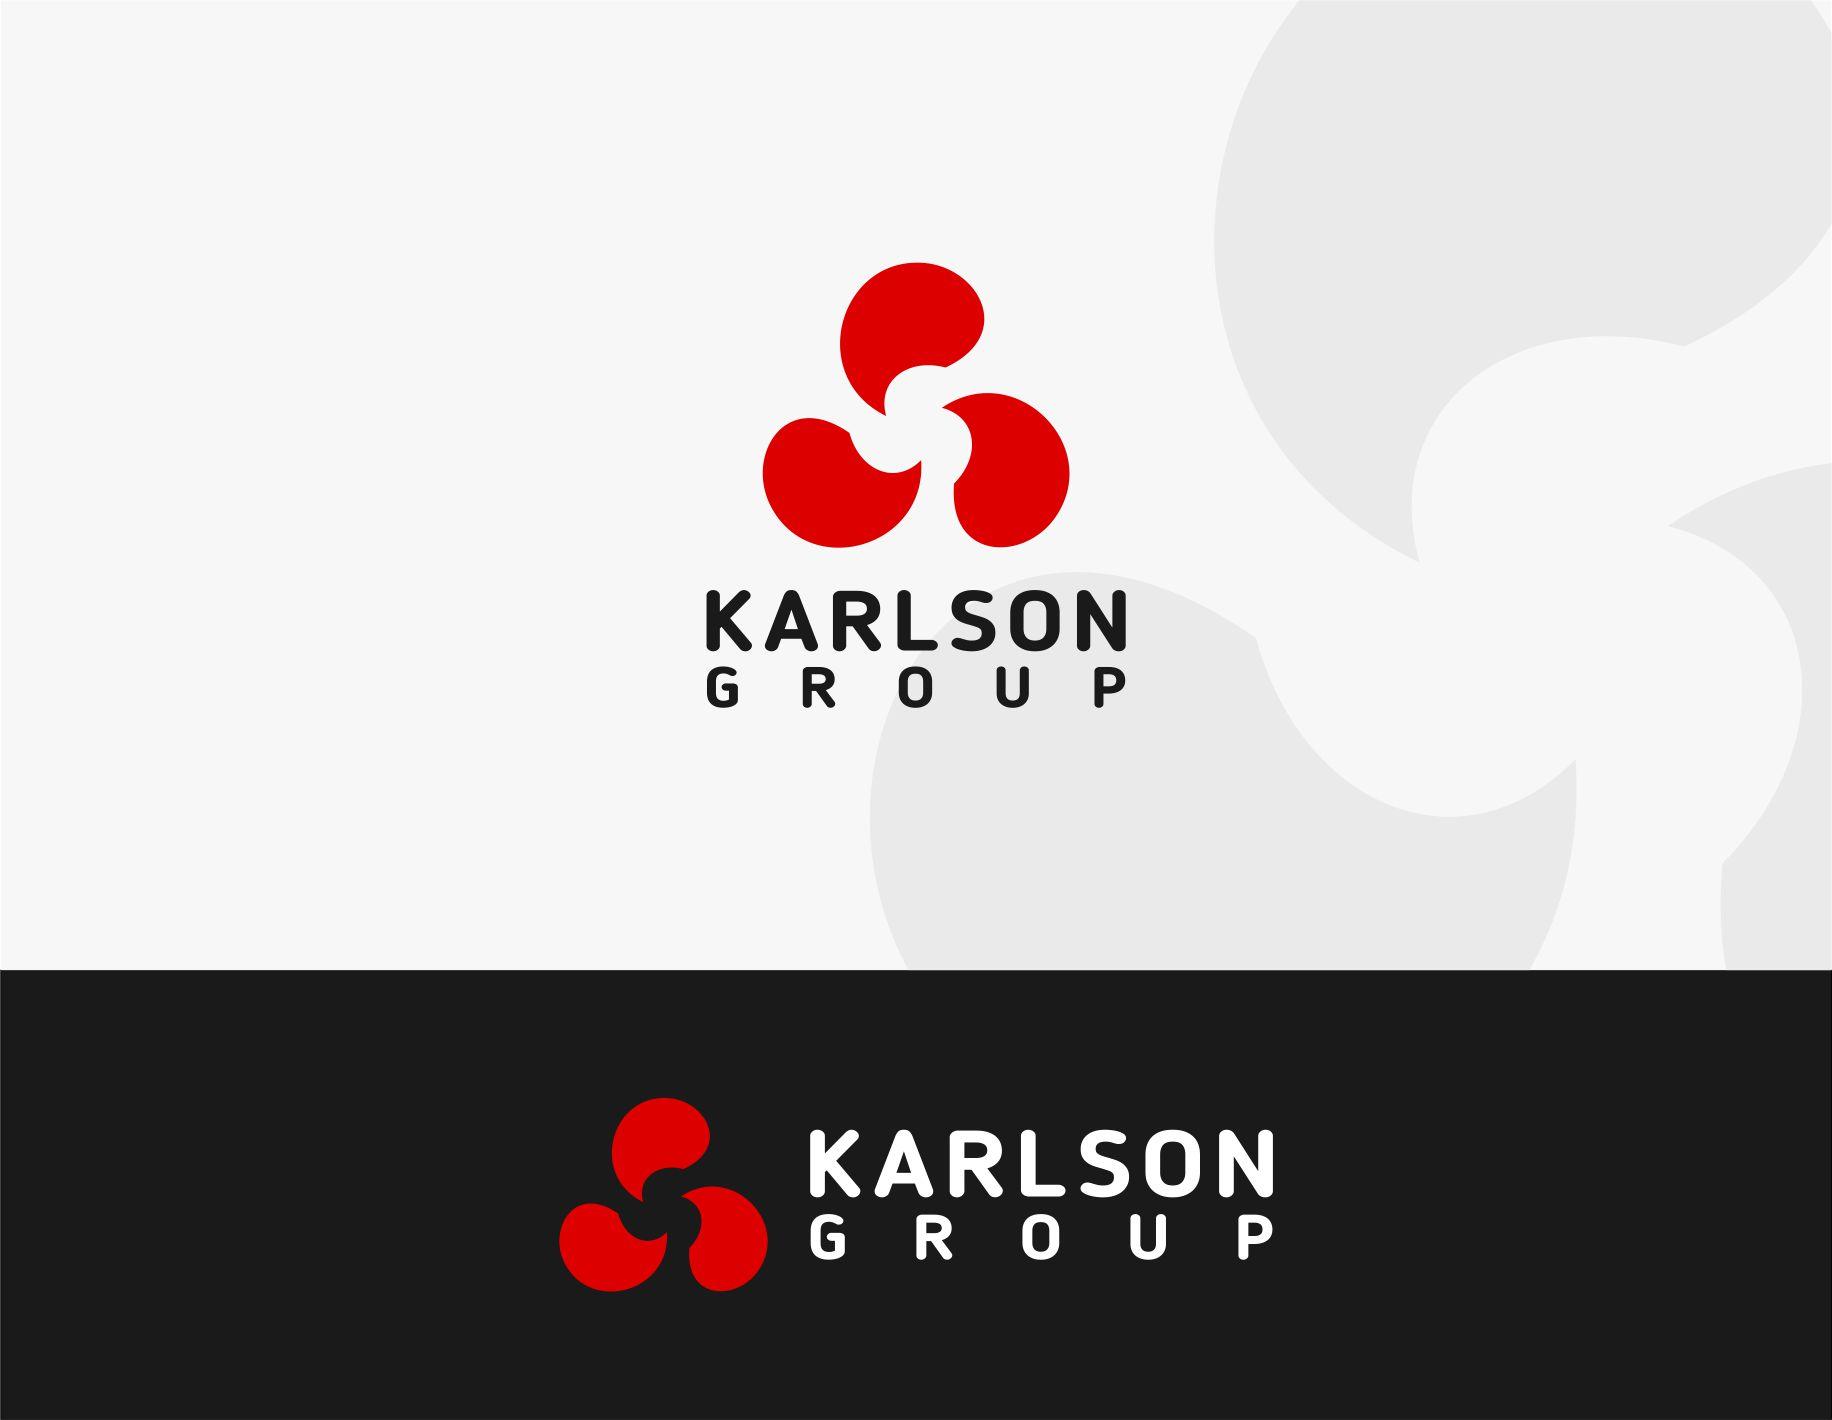 Придумать классный логотип фото f_0165986cbb5e226a.jpg